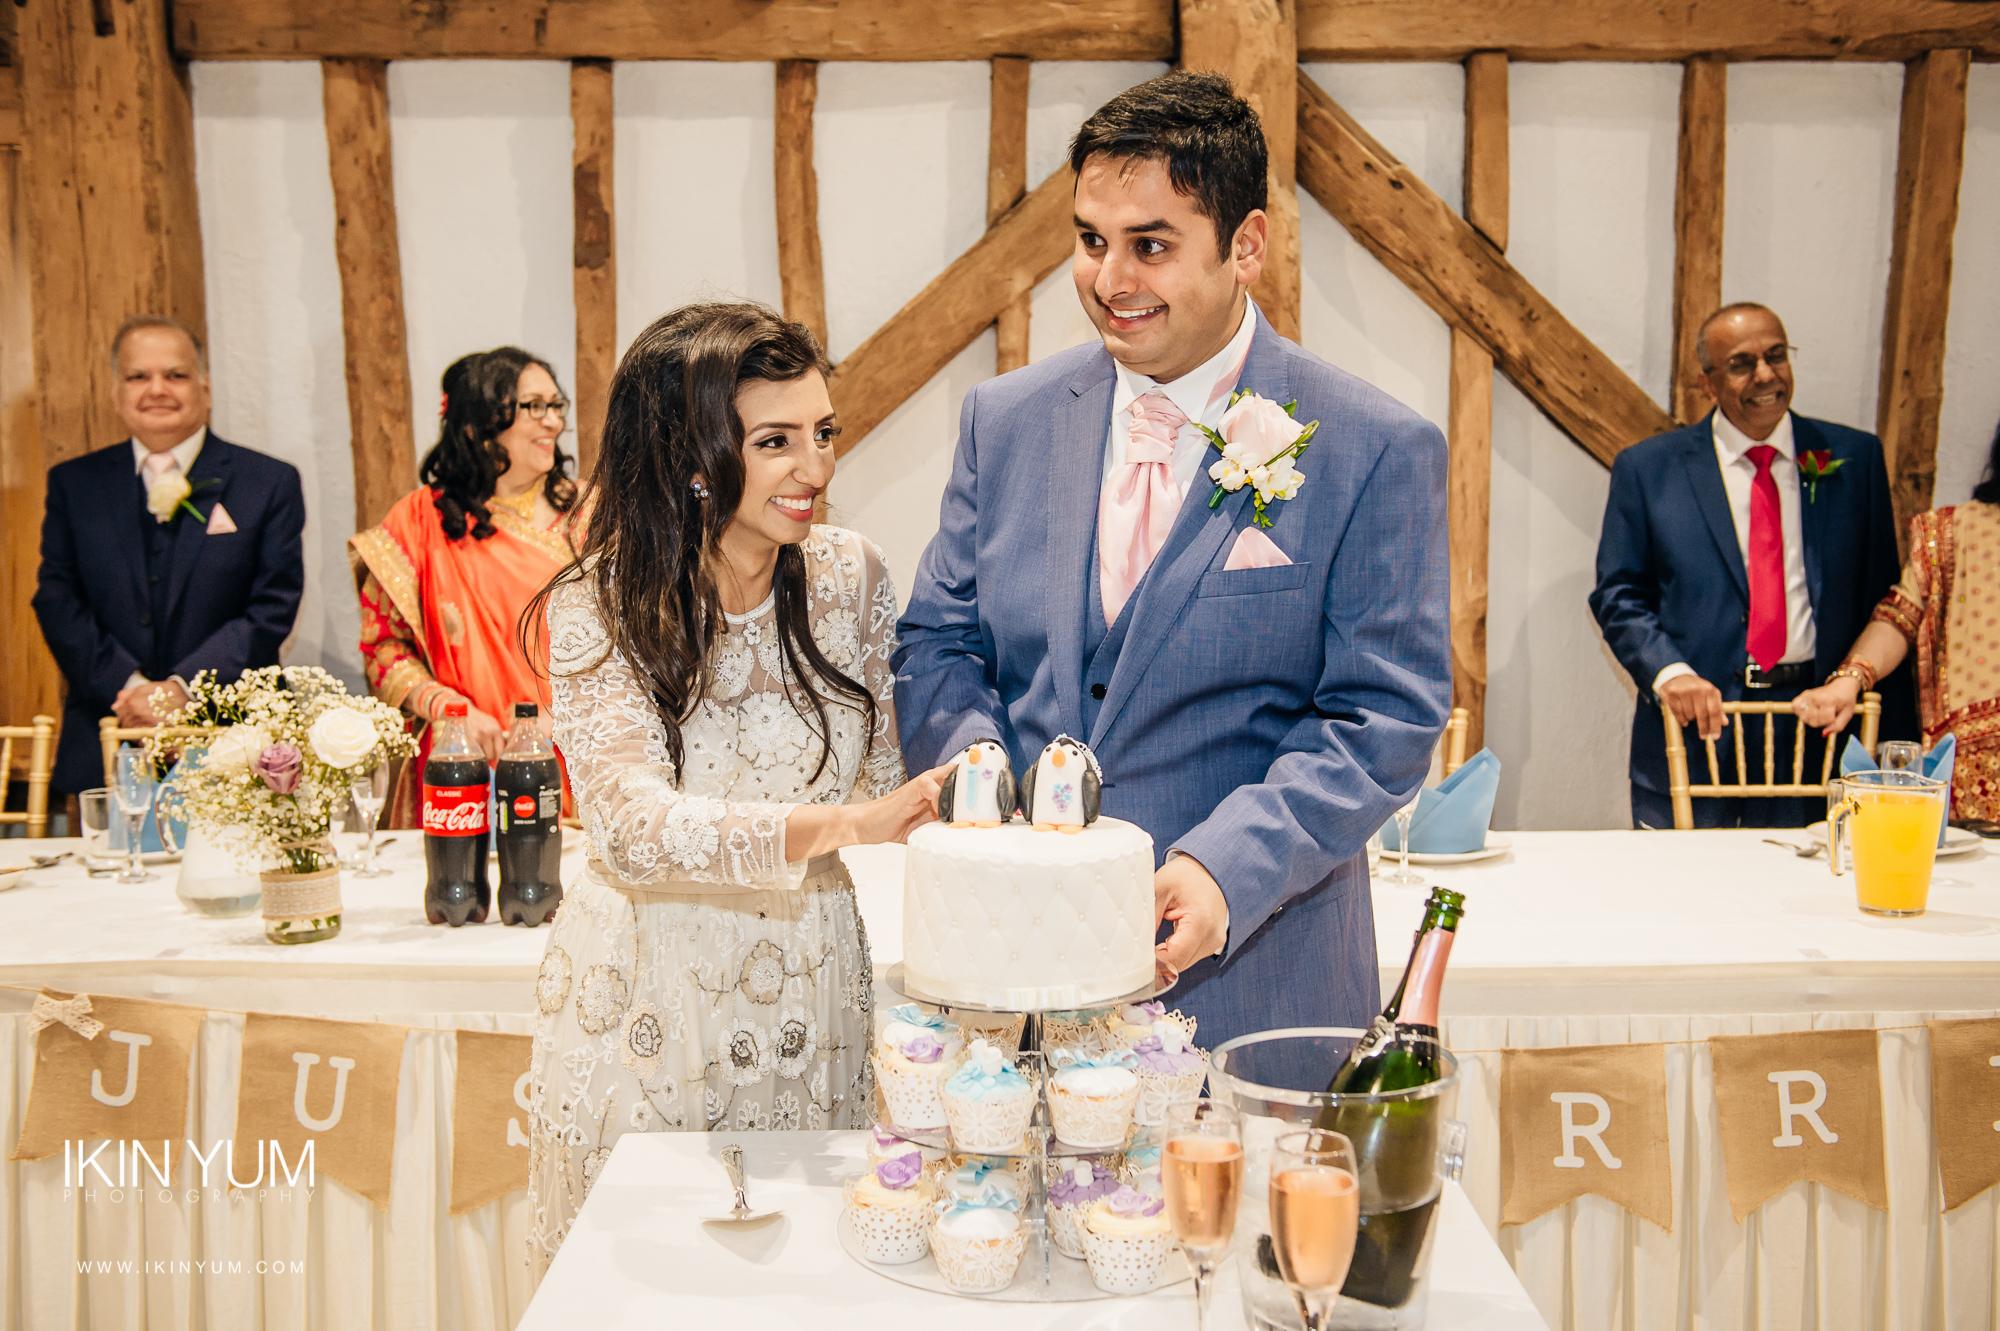 The Great Barn Wedding- Ikin Yum Photography-0089.jpg